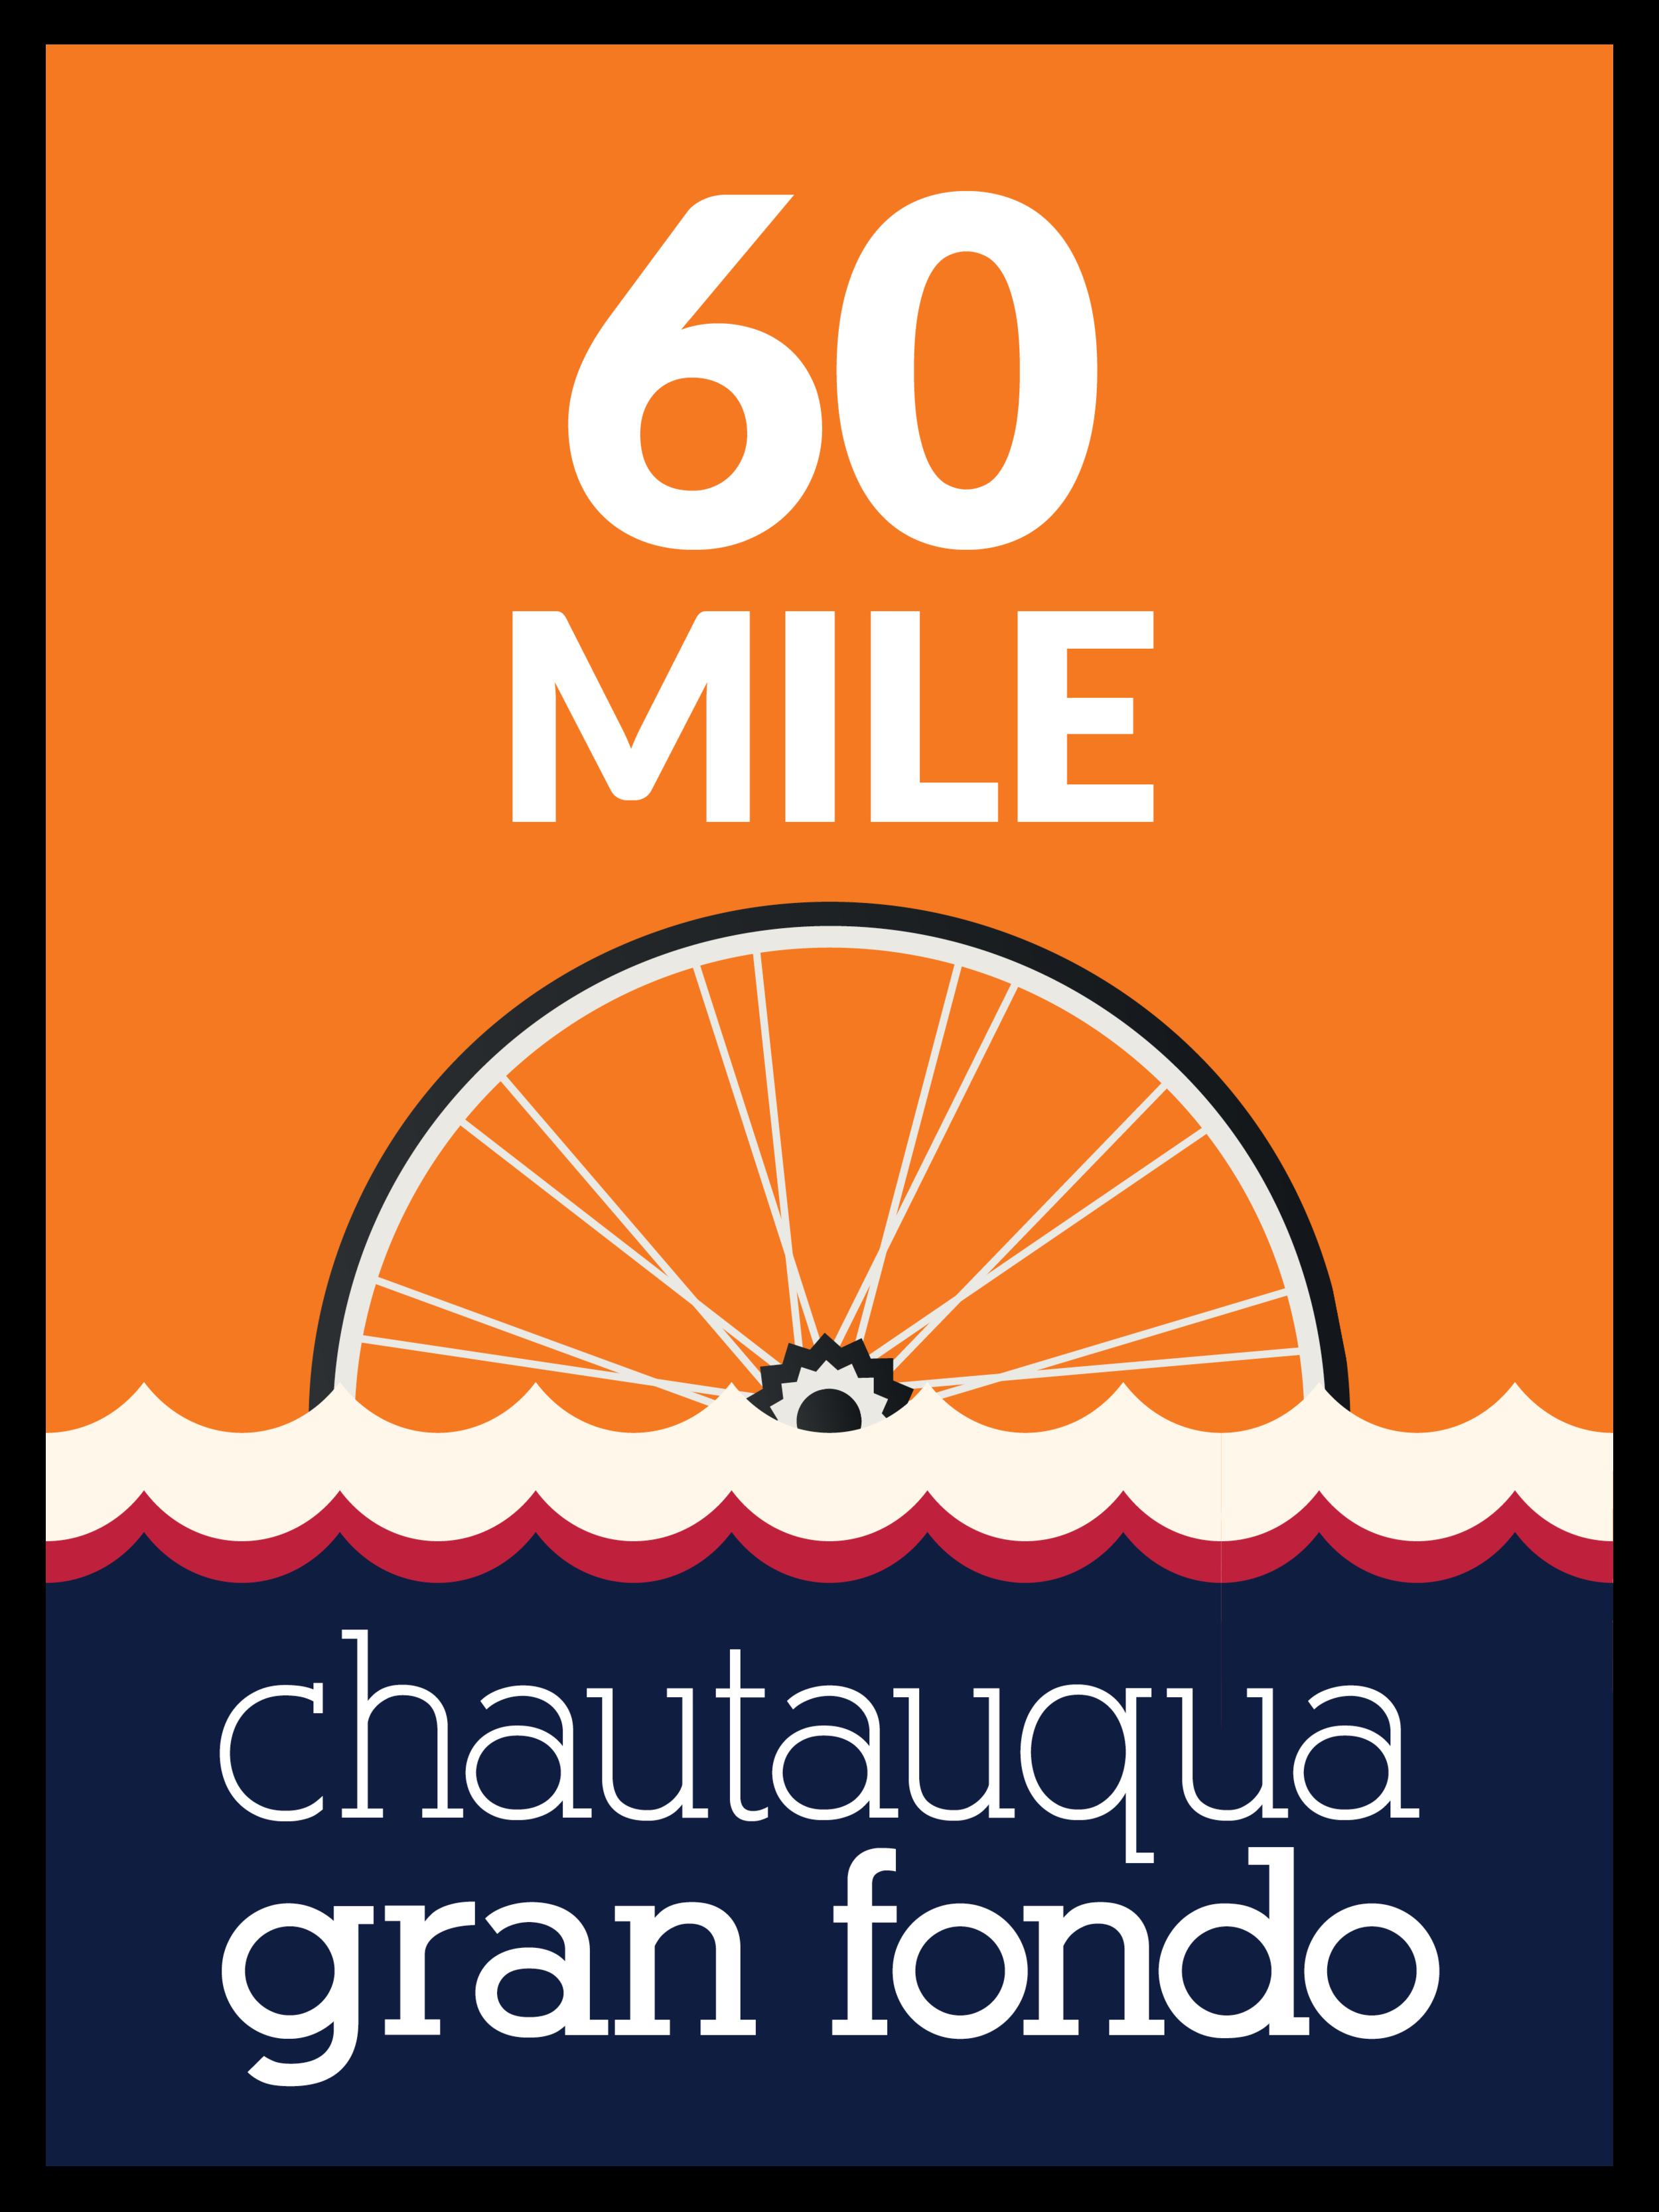 CHQGF_RouteSignage_Vertical_60mile_orange_18x24.png